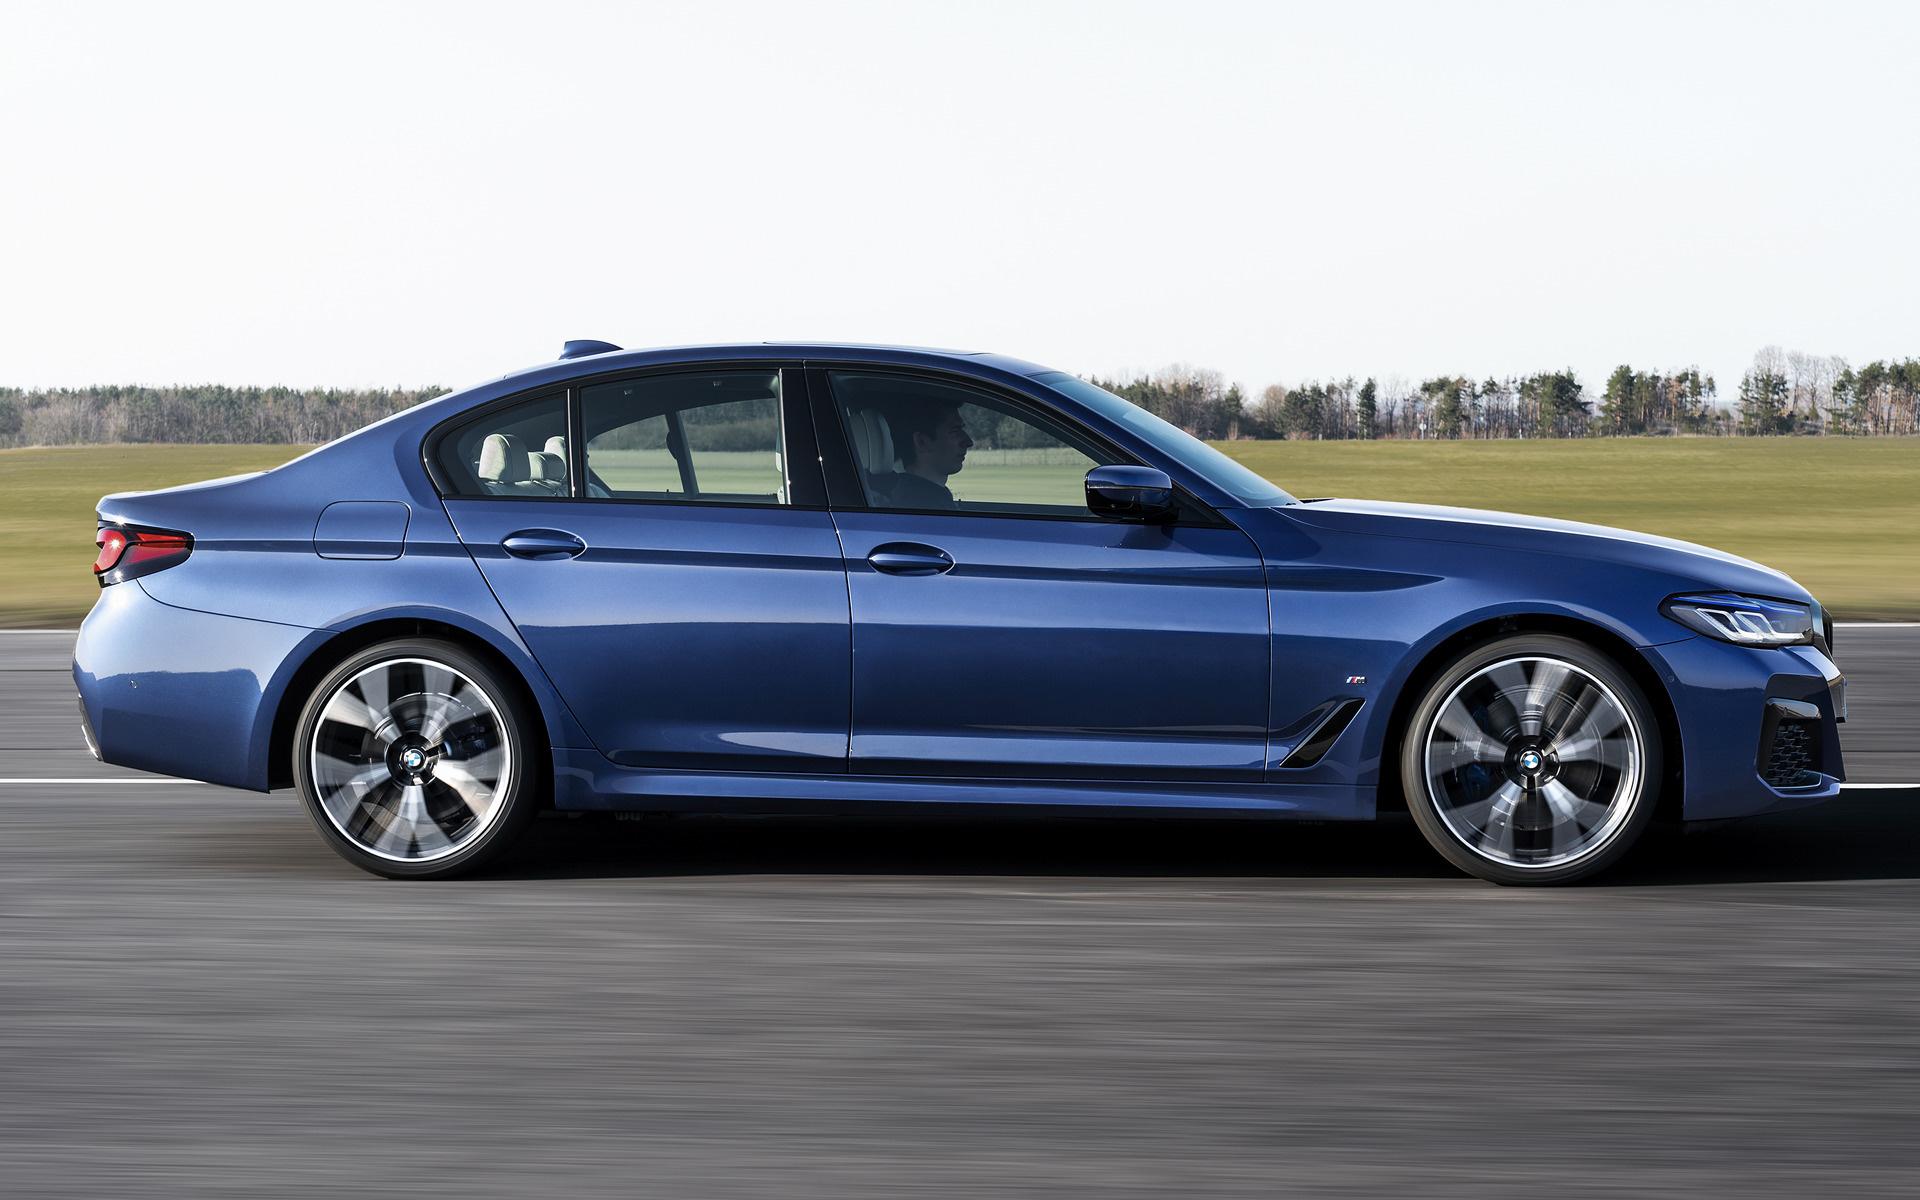 2020 BMW 550I Exterior and Interior